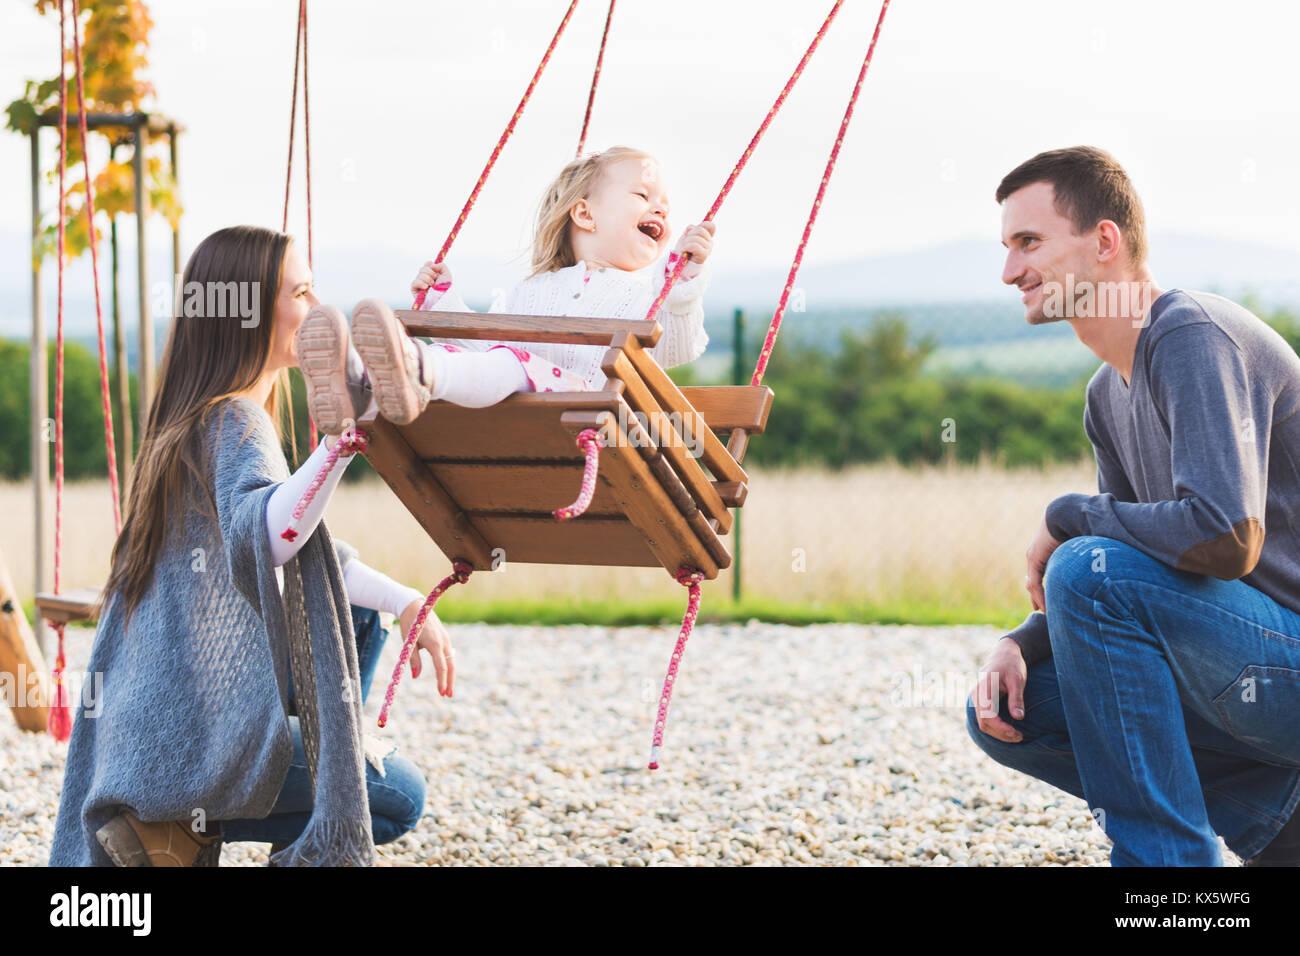 Familia Con Nina Balanceandose En Un Patio De Juegos La Infancia